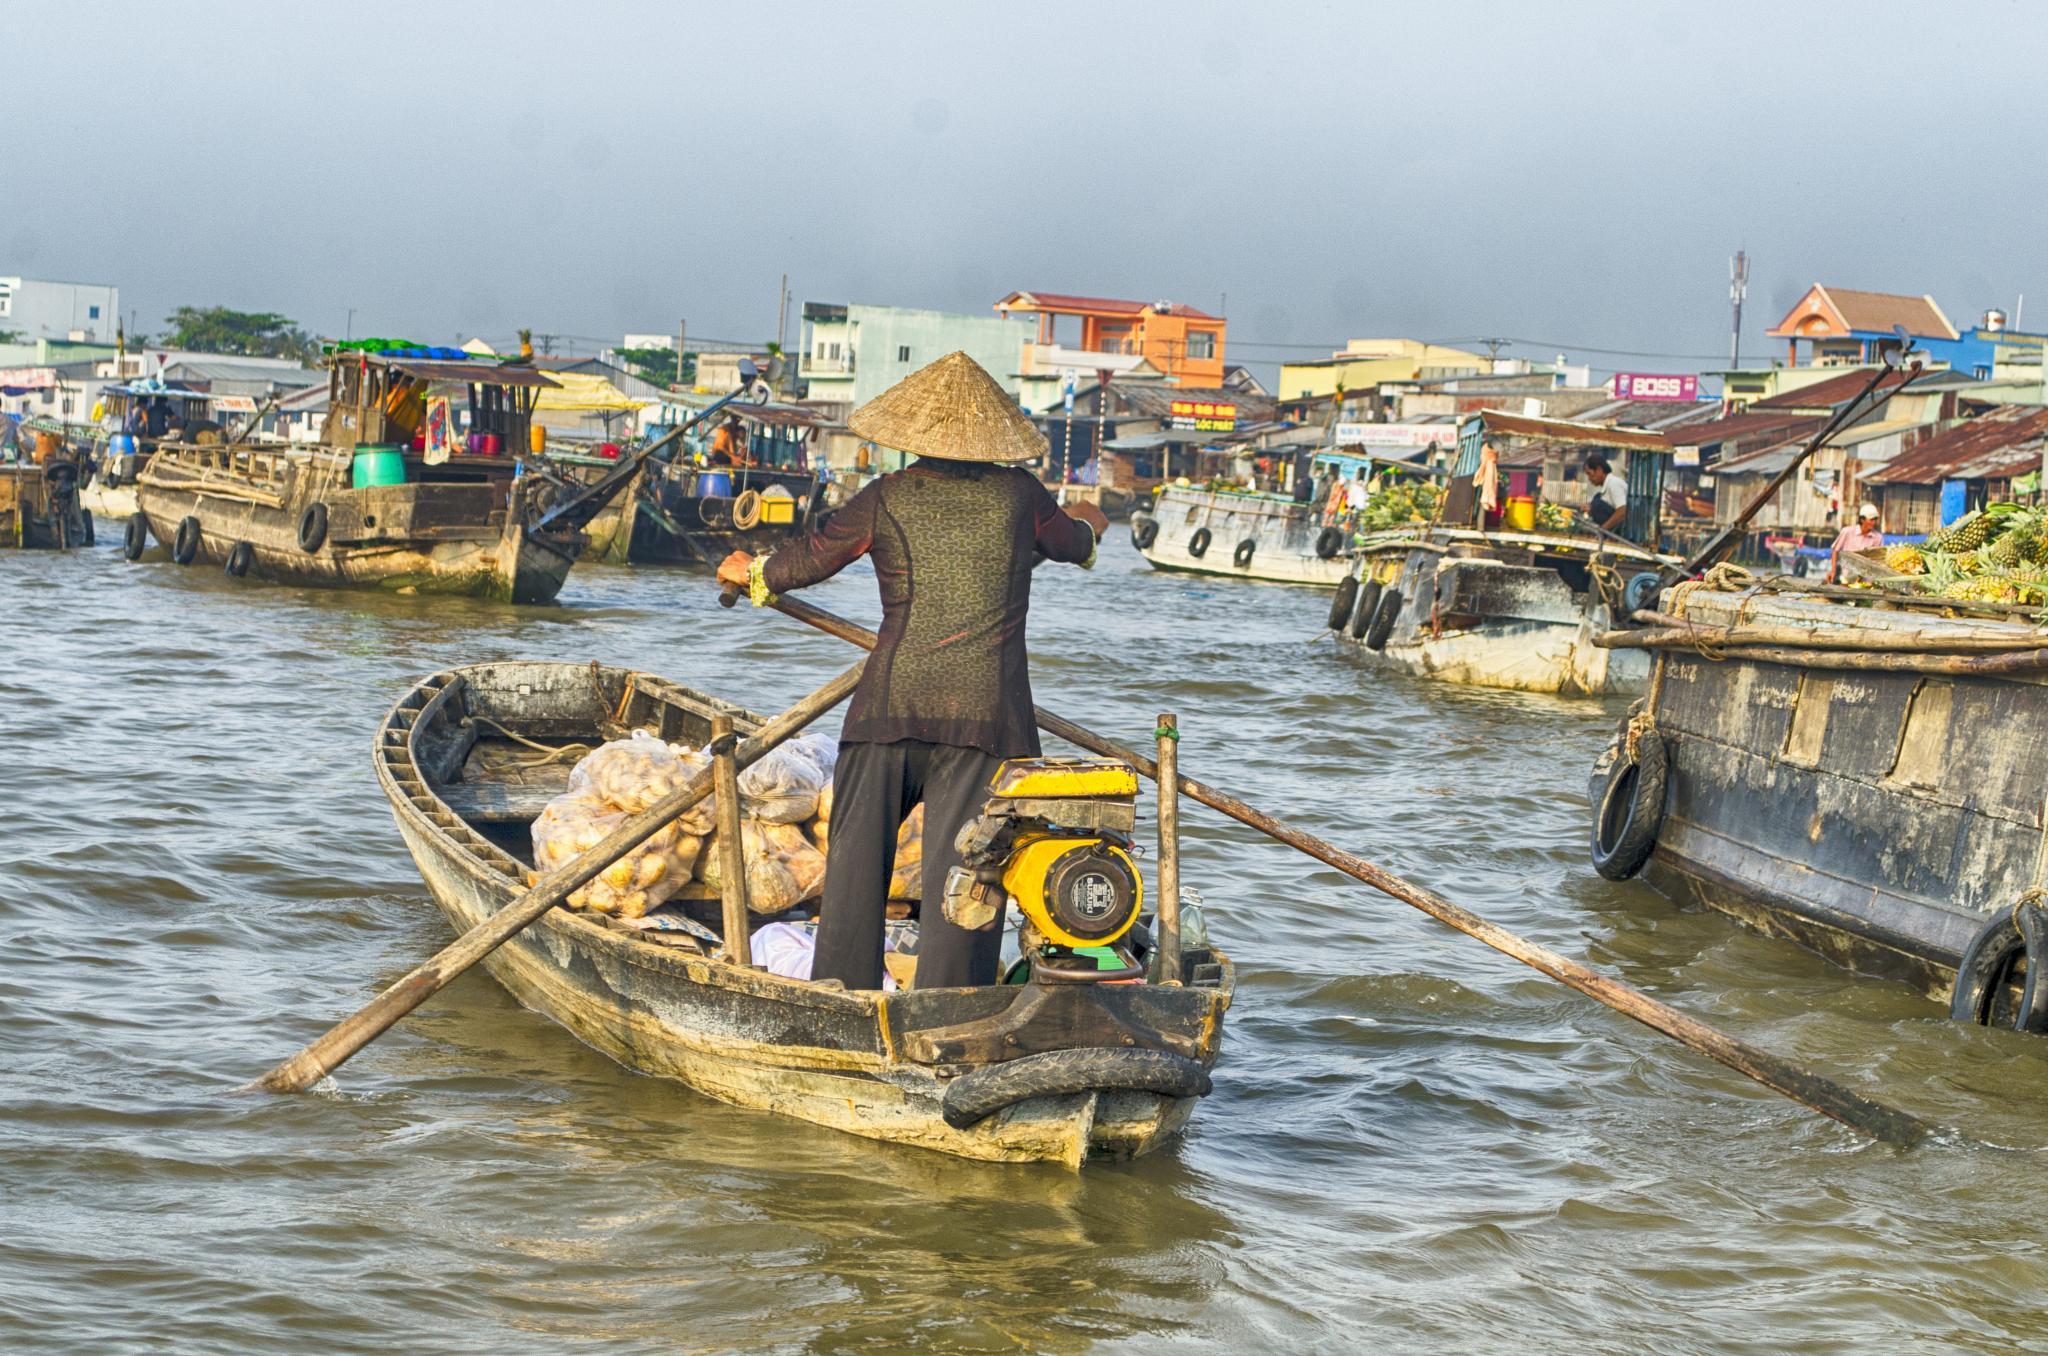 Floating markets, Mekong delta by jeece69